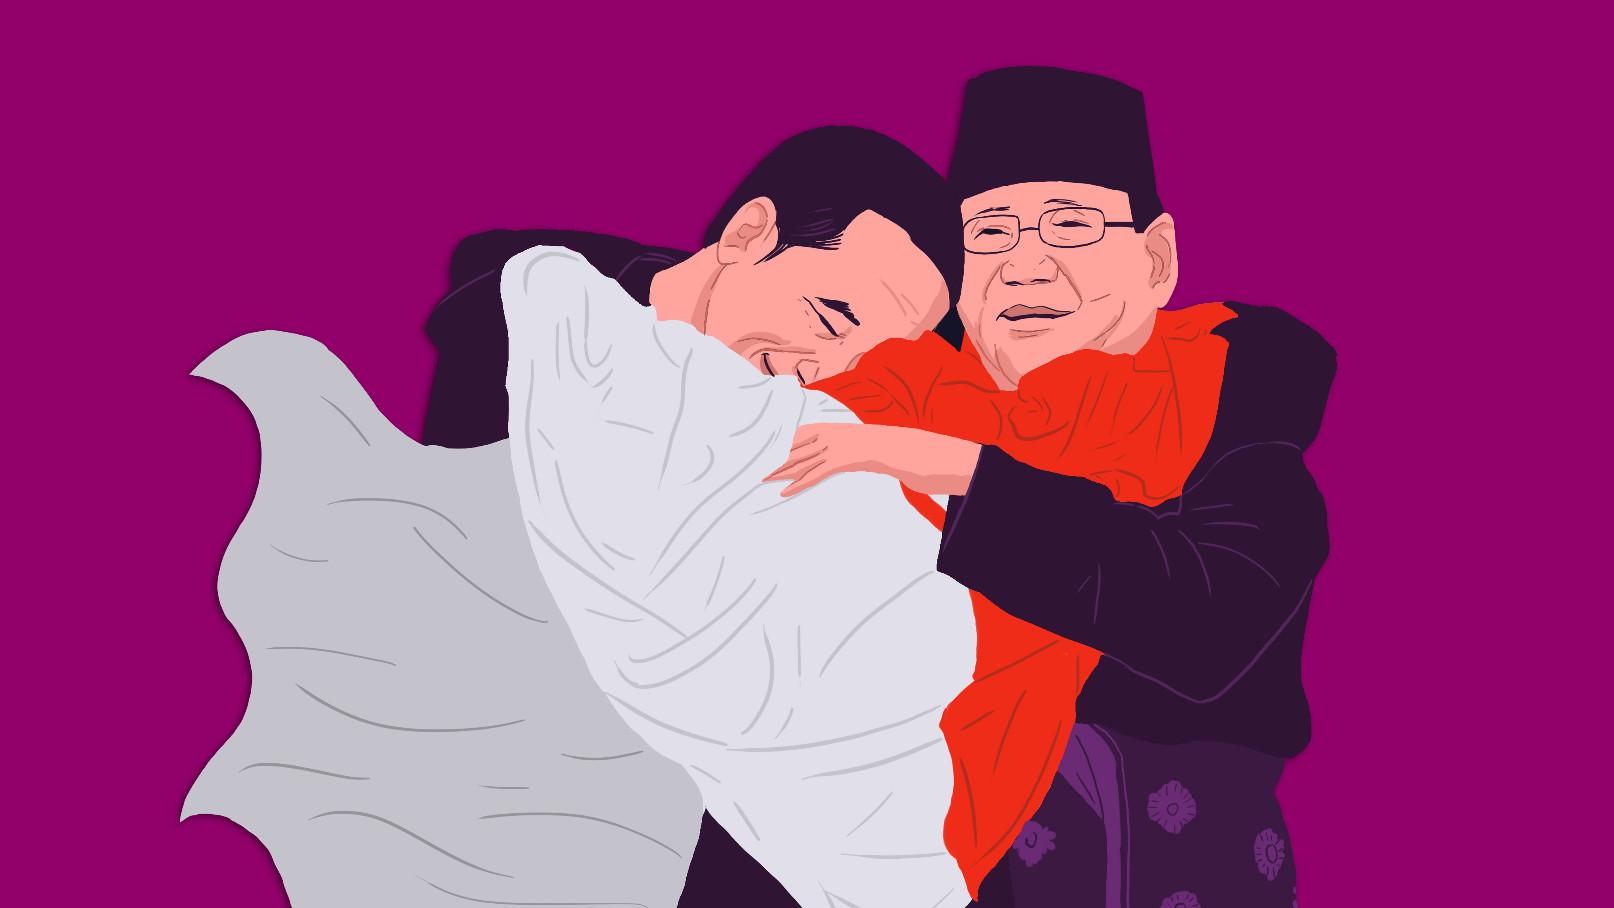 Kisah Di Balik Pelukan Jokowi Prabowo